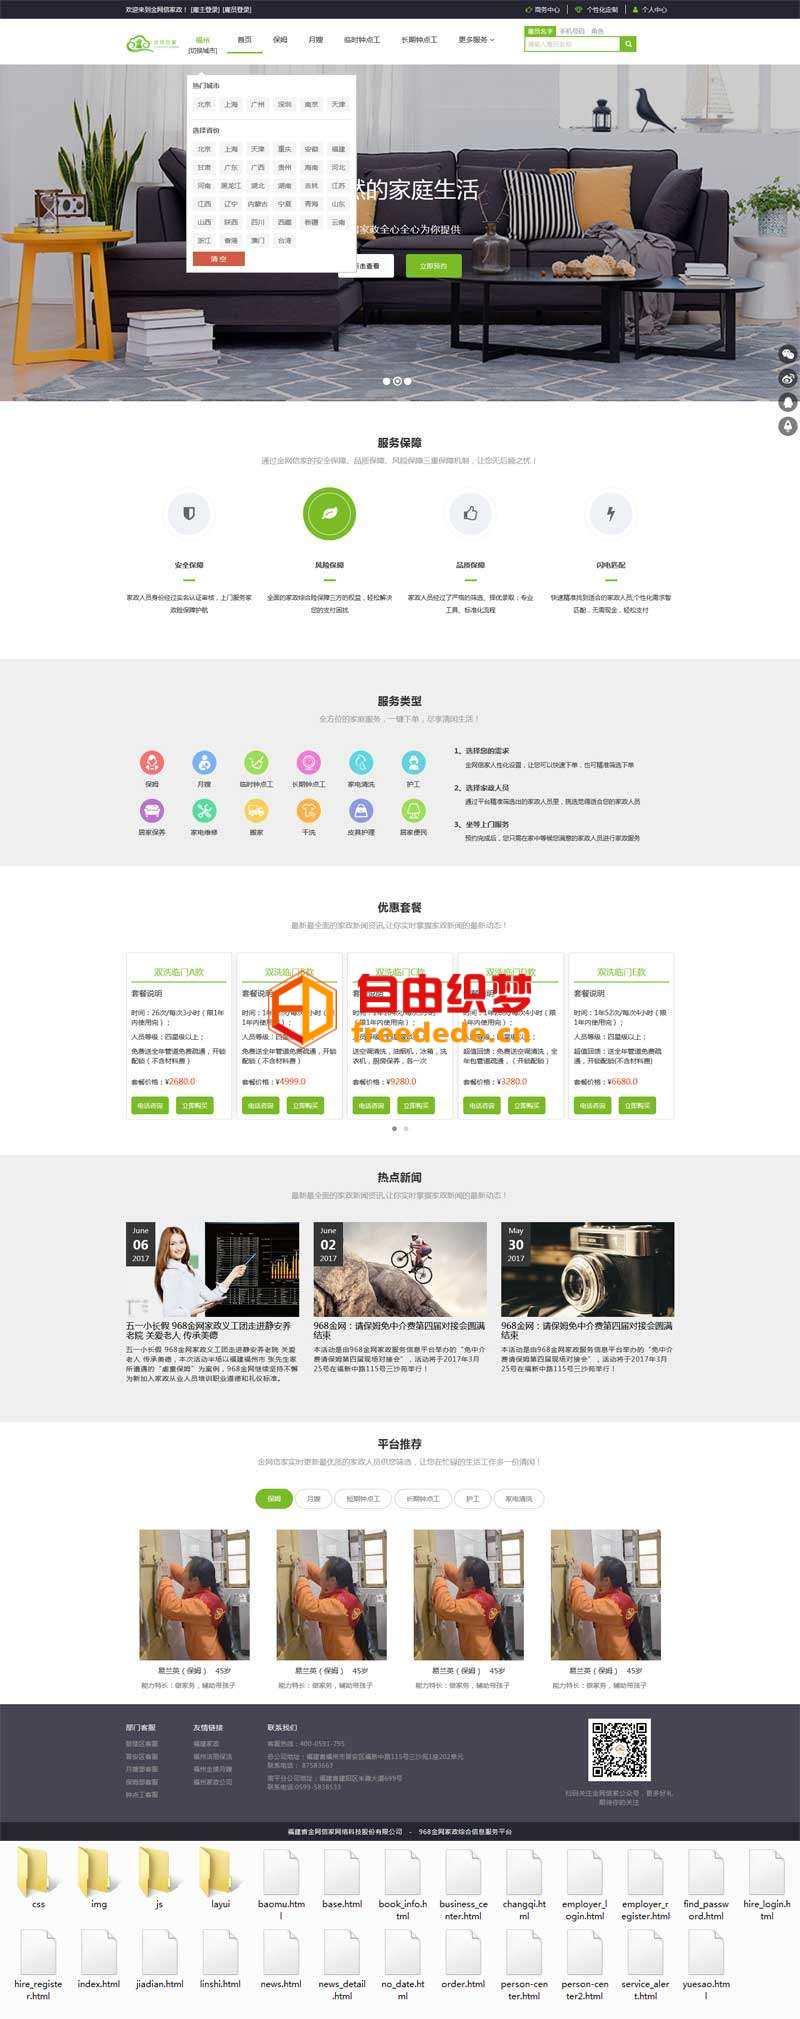 爱上源码网文章绿色的家装接单平台网页模板的内容插图